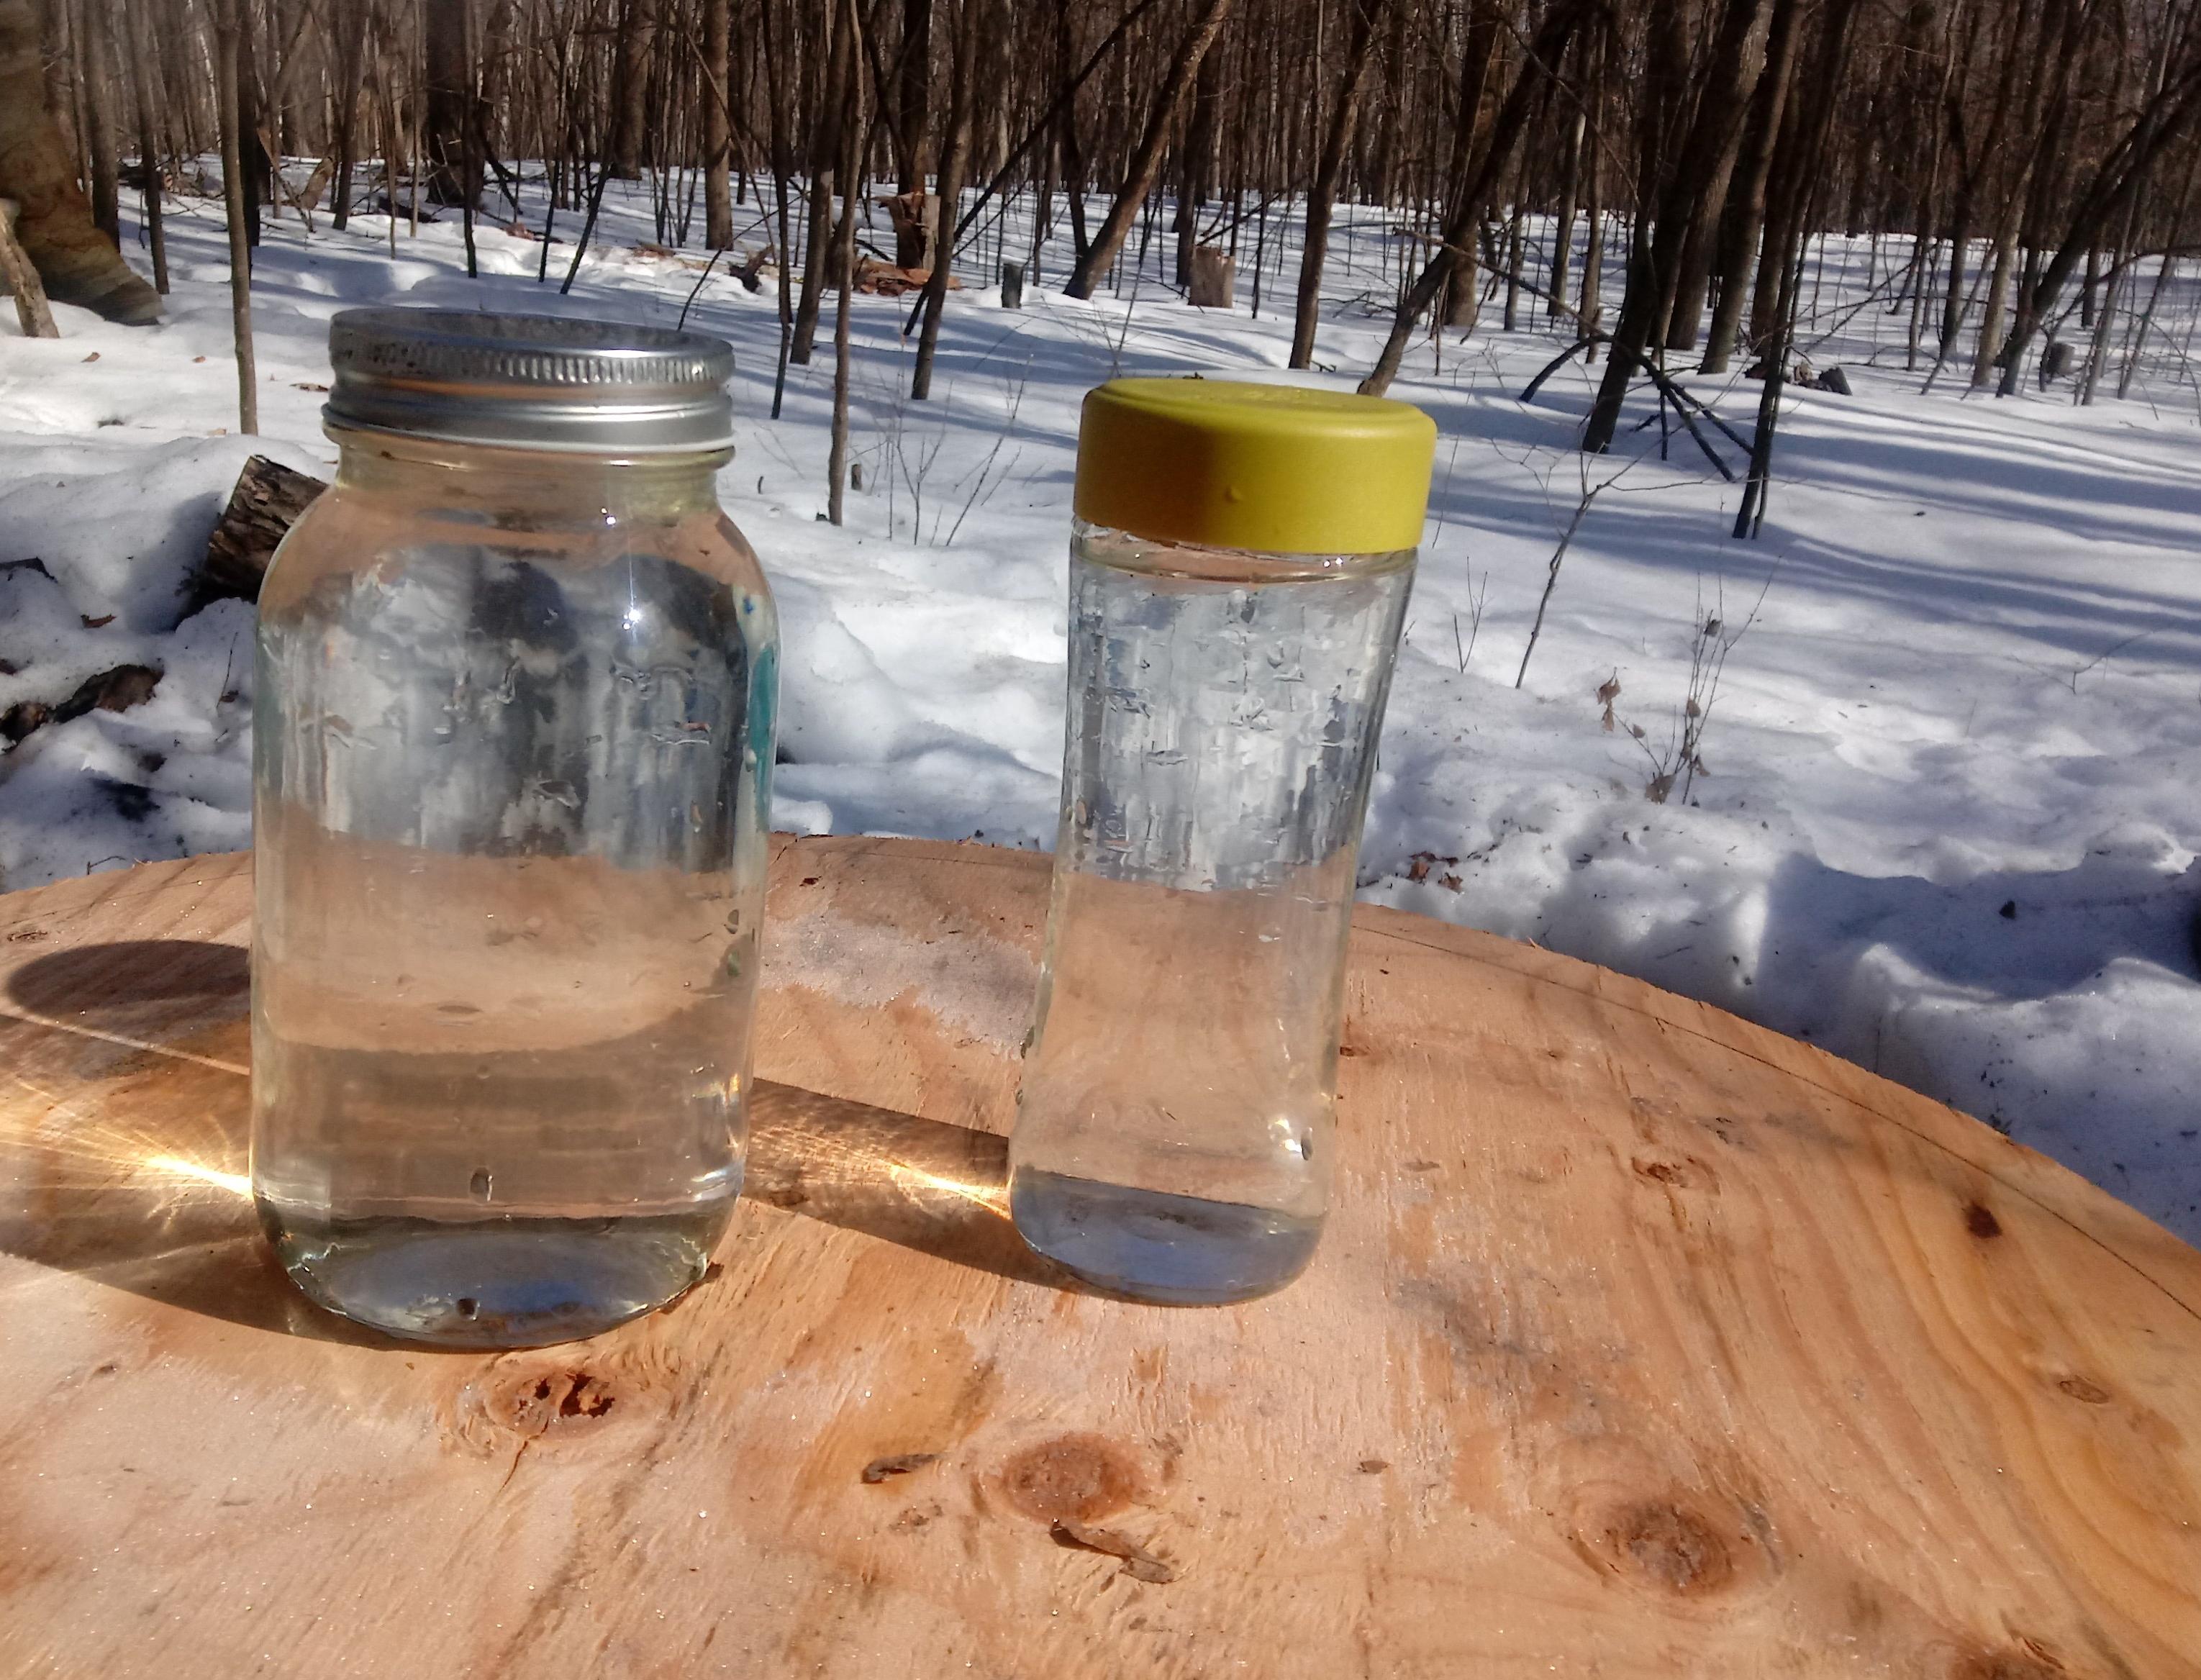 Jars of Sap